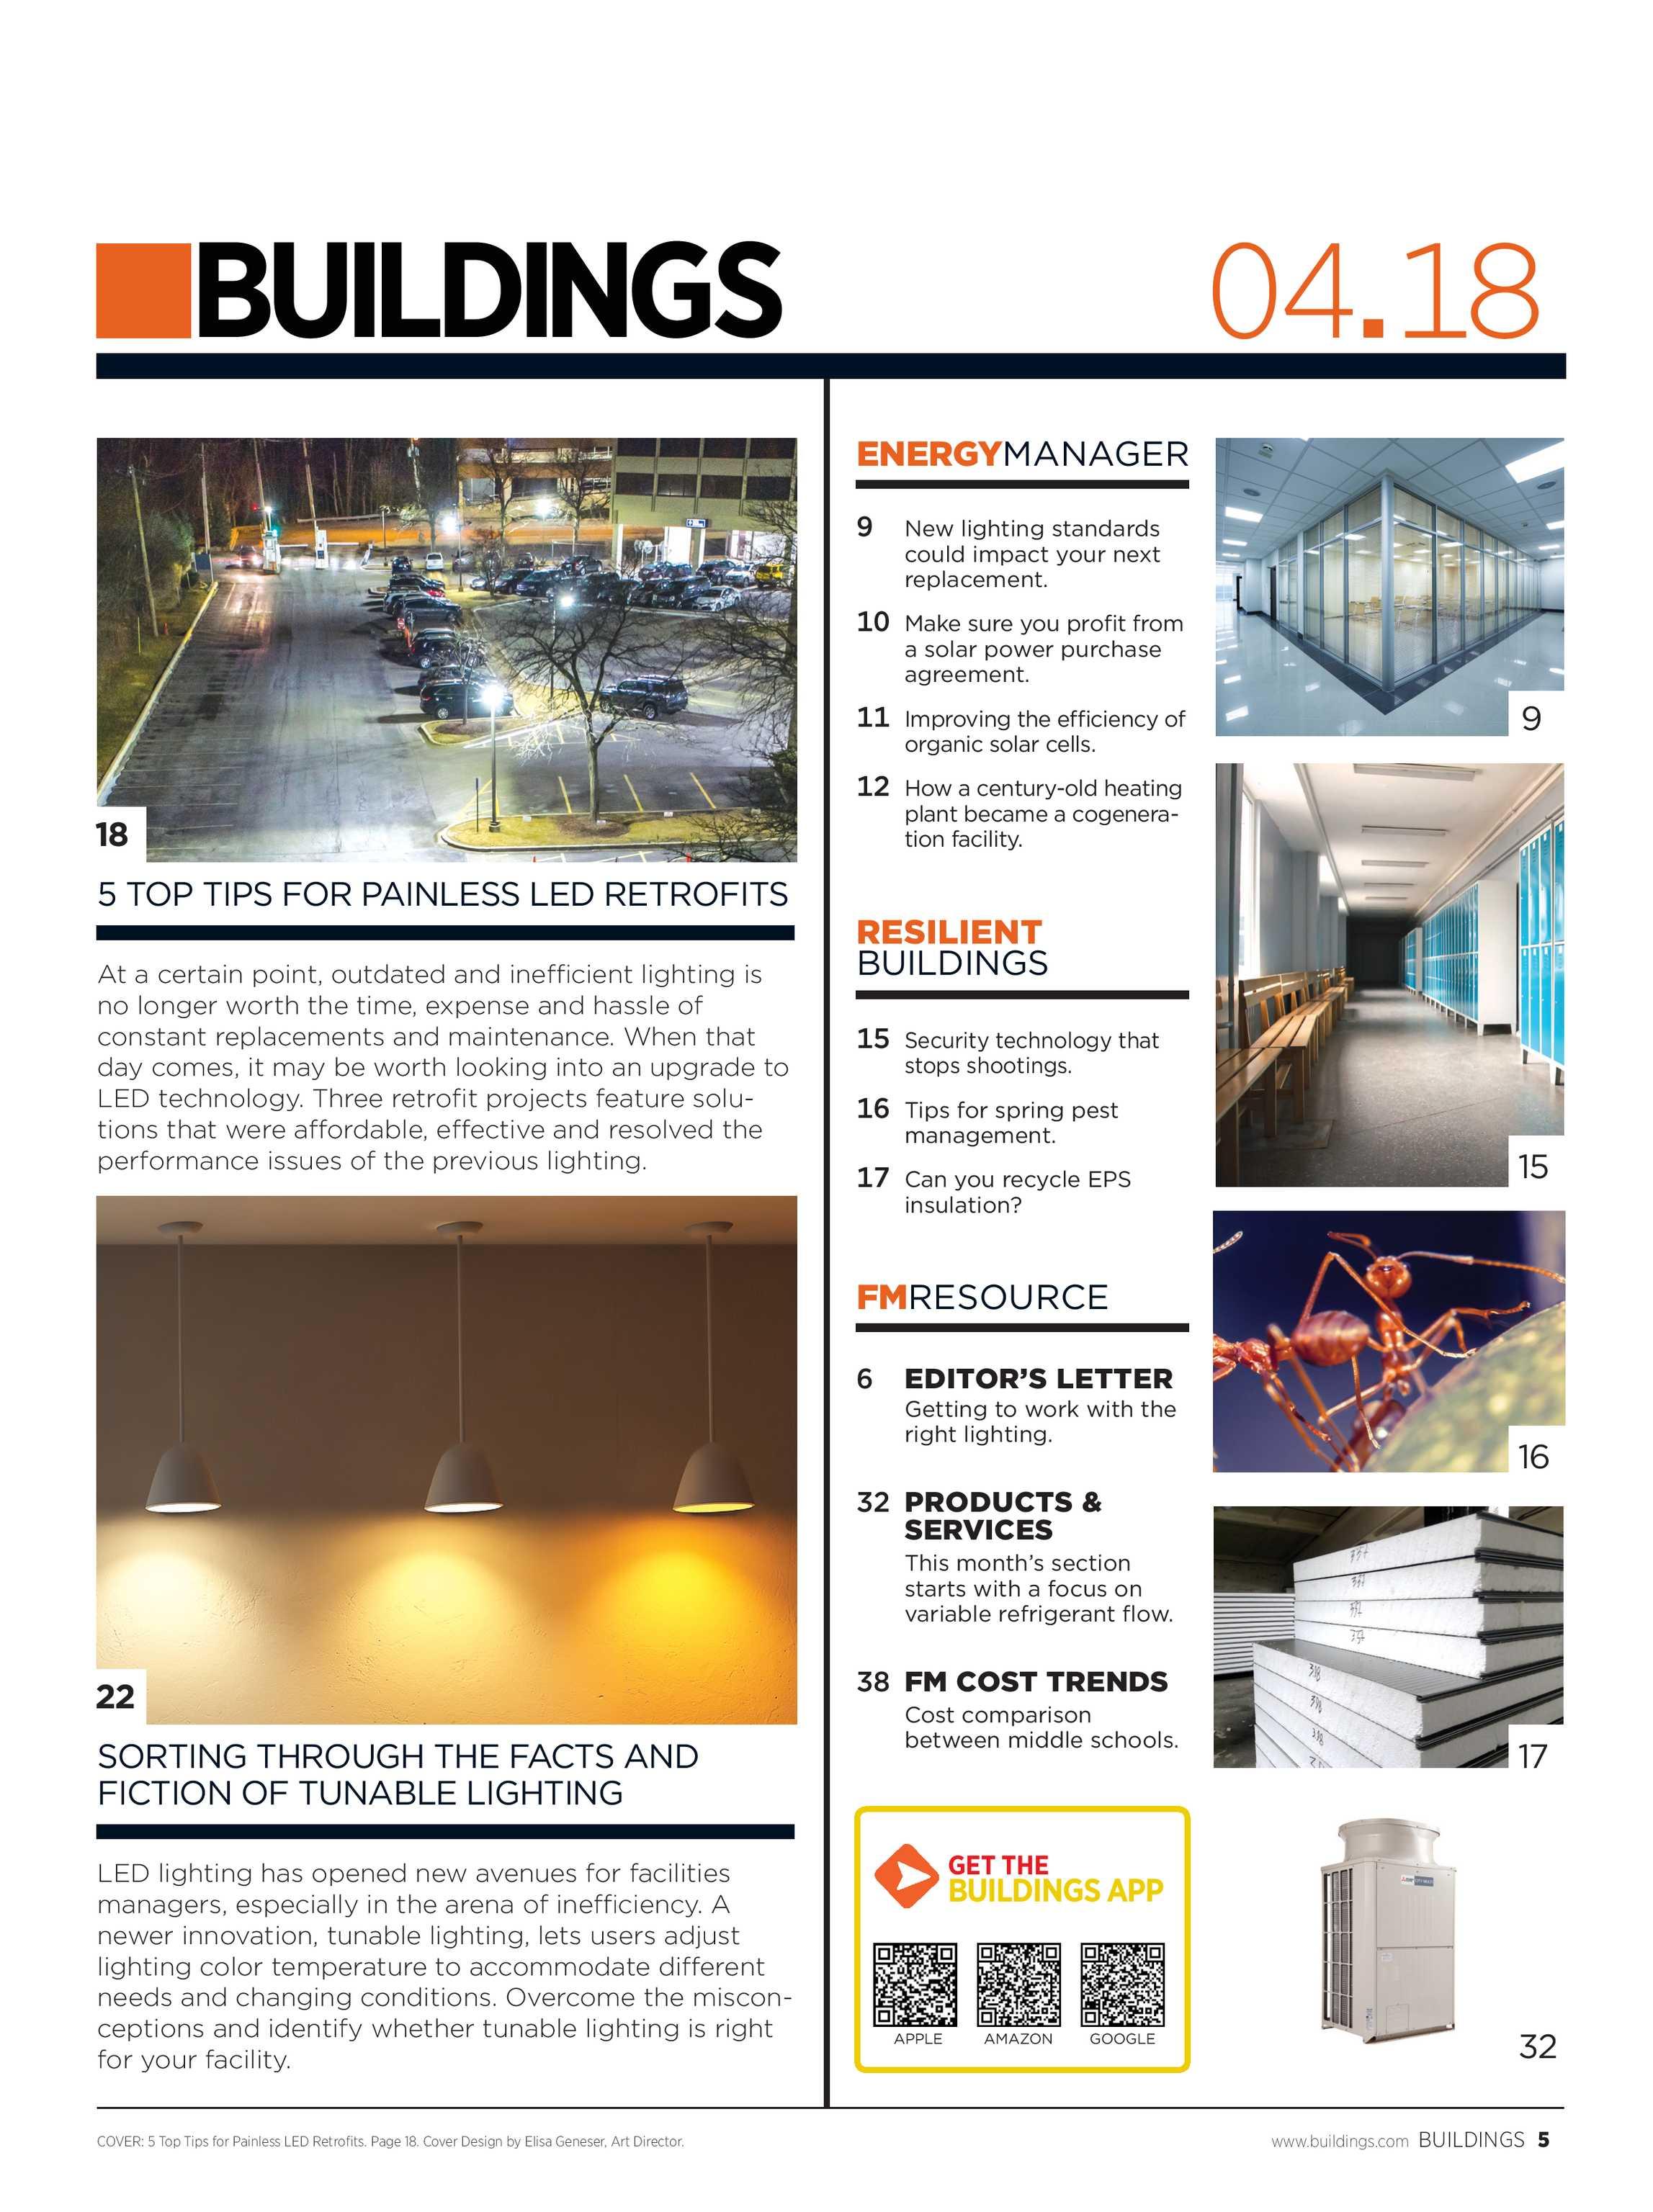 Buildings Magazine April 2018 Page 5